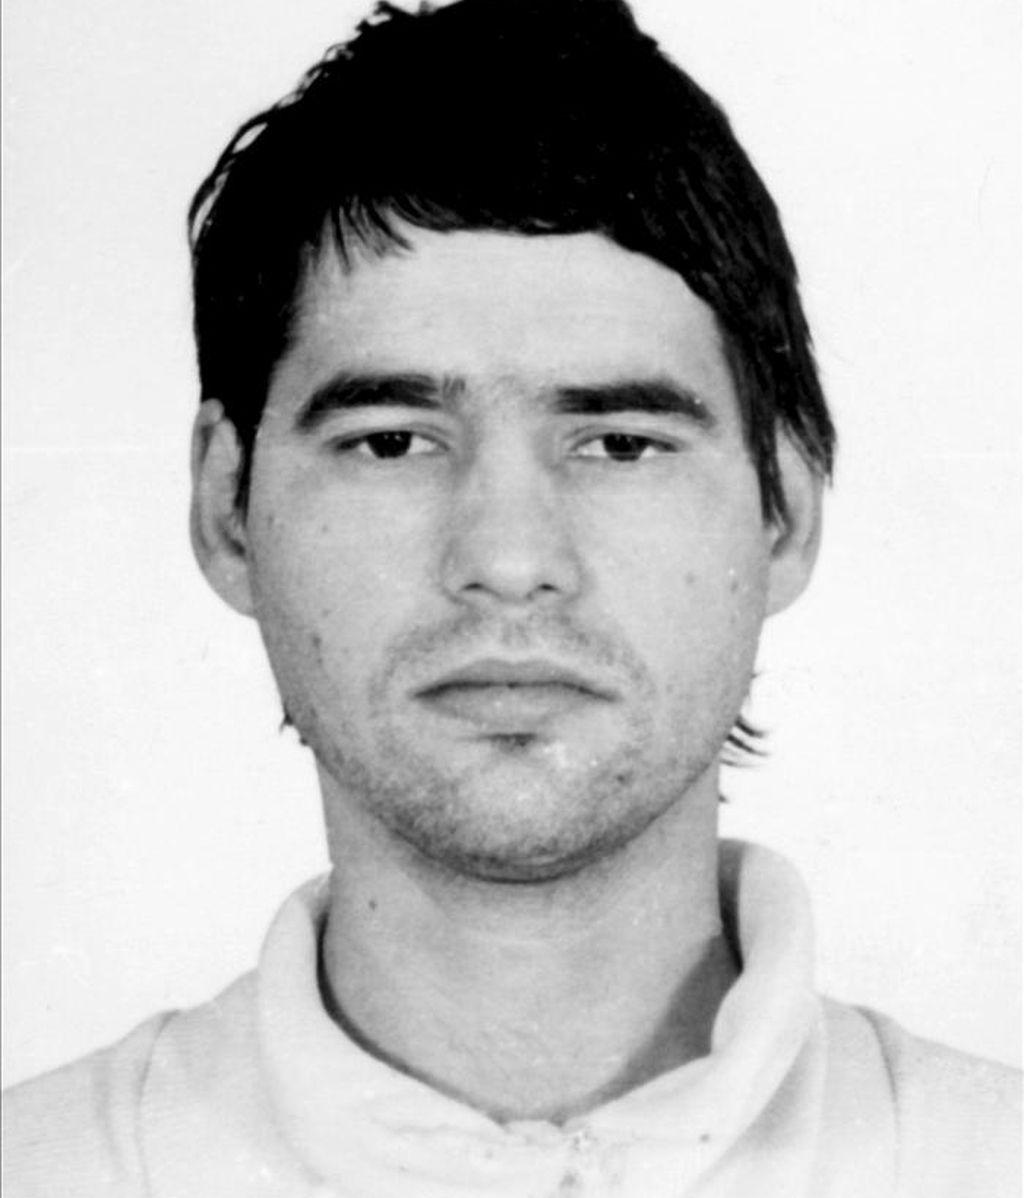 Fotografía de archivo (años ochenta, sin fecha) del etarra Antonio Troitiño, condenado a más de 2.200 años de prisión por más de veinte asesinatos en los años 80. EFE/Archivo